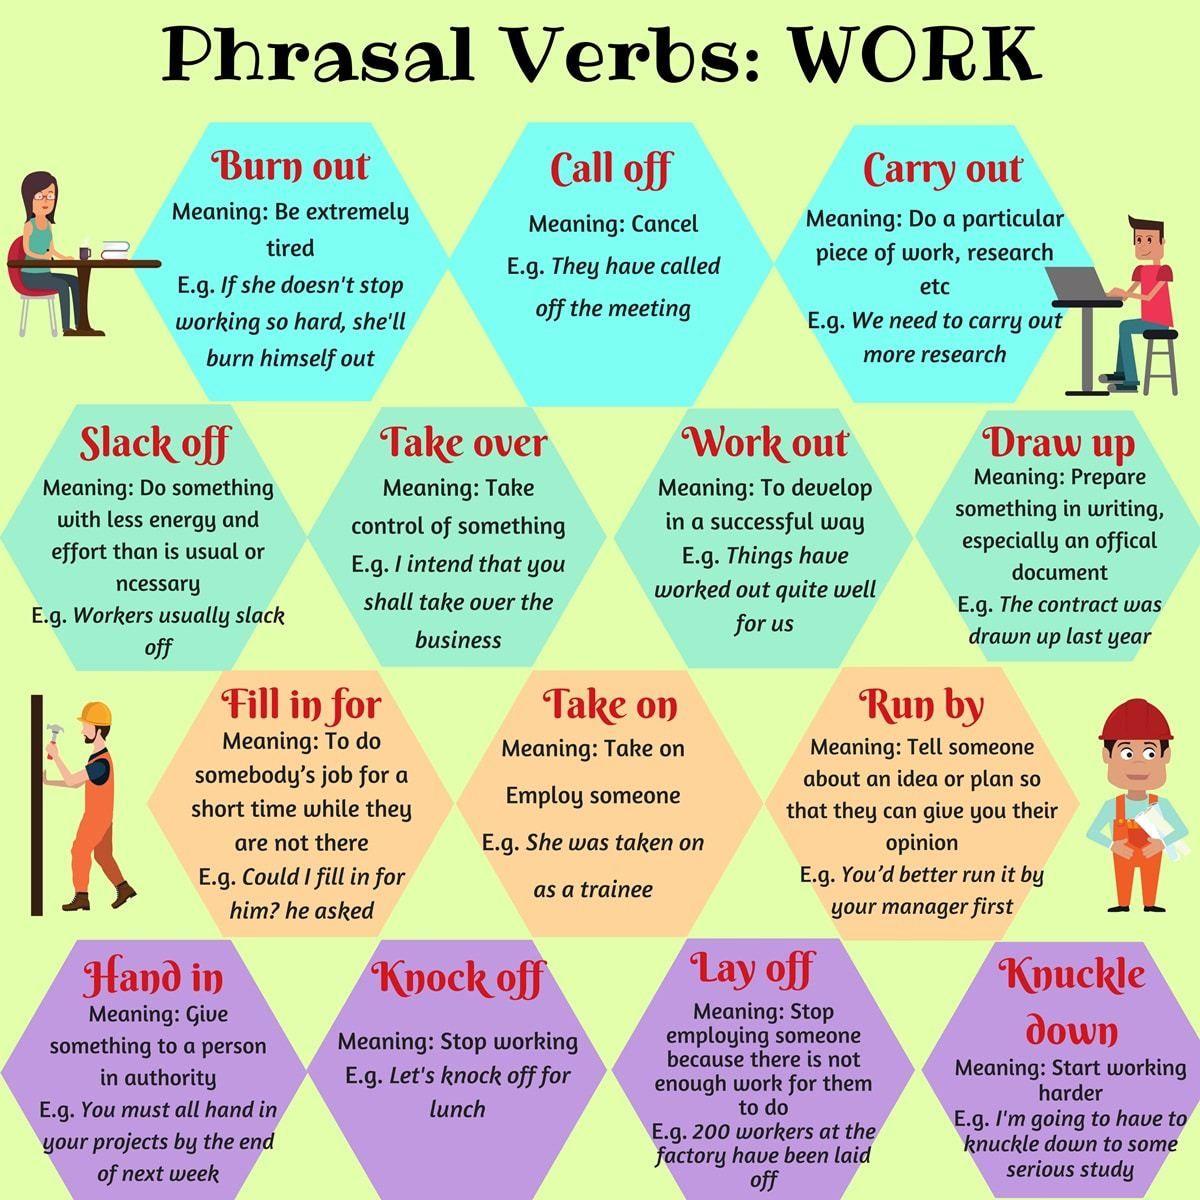 Learn Useful Phrasal Verbs With Work In English